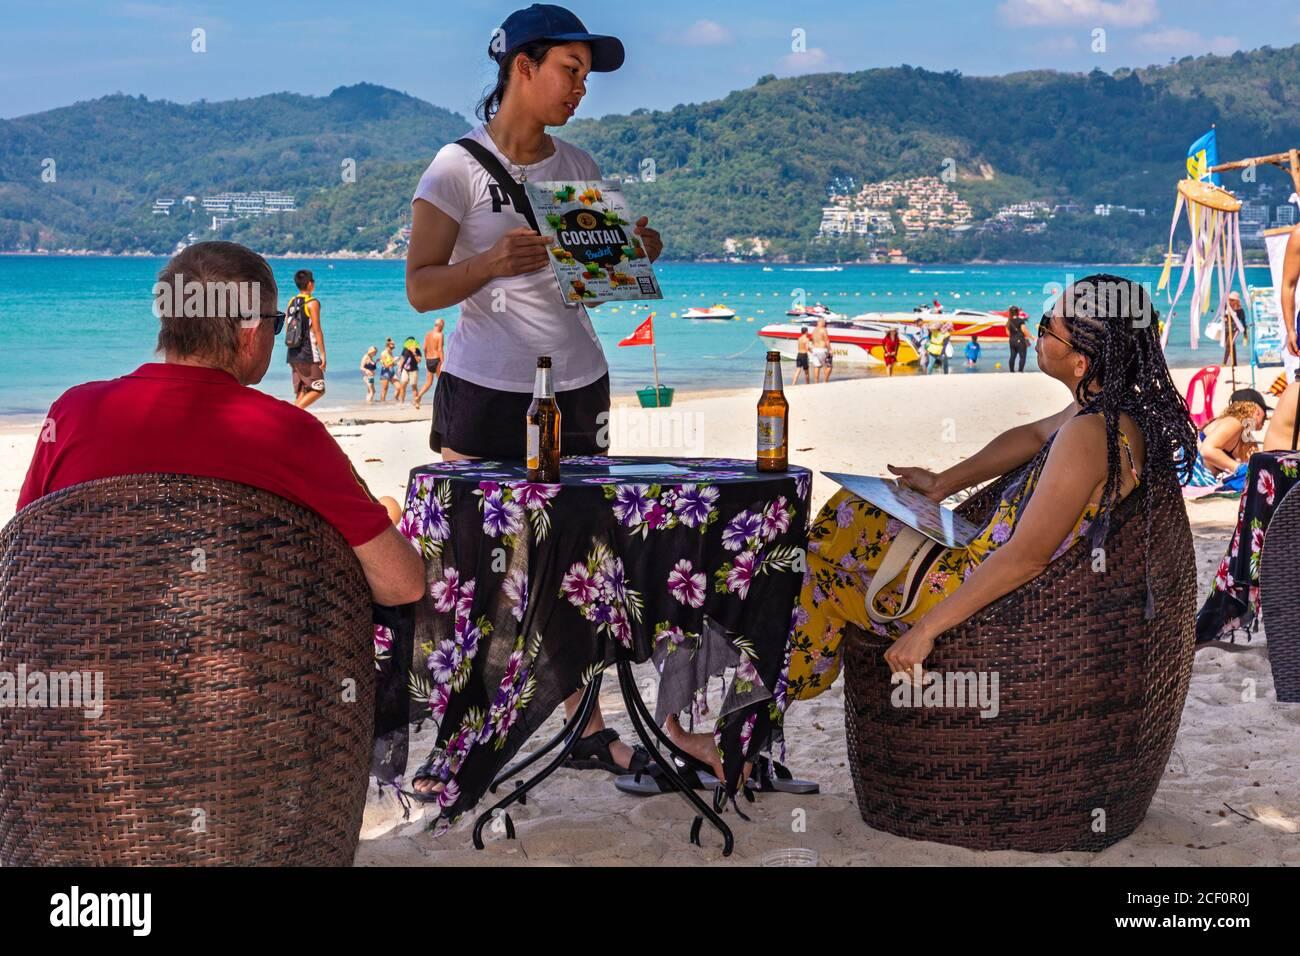 Serveuse et clients au bar de la plage, Patong, Phuket, Thaïlande Banque D'Images